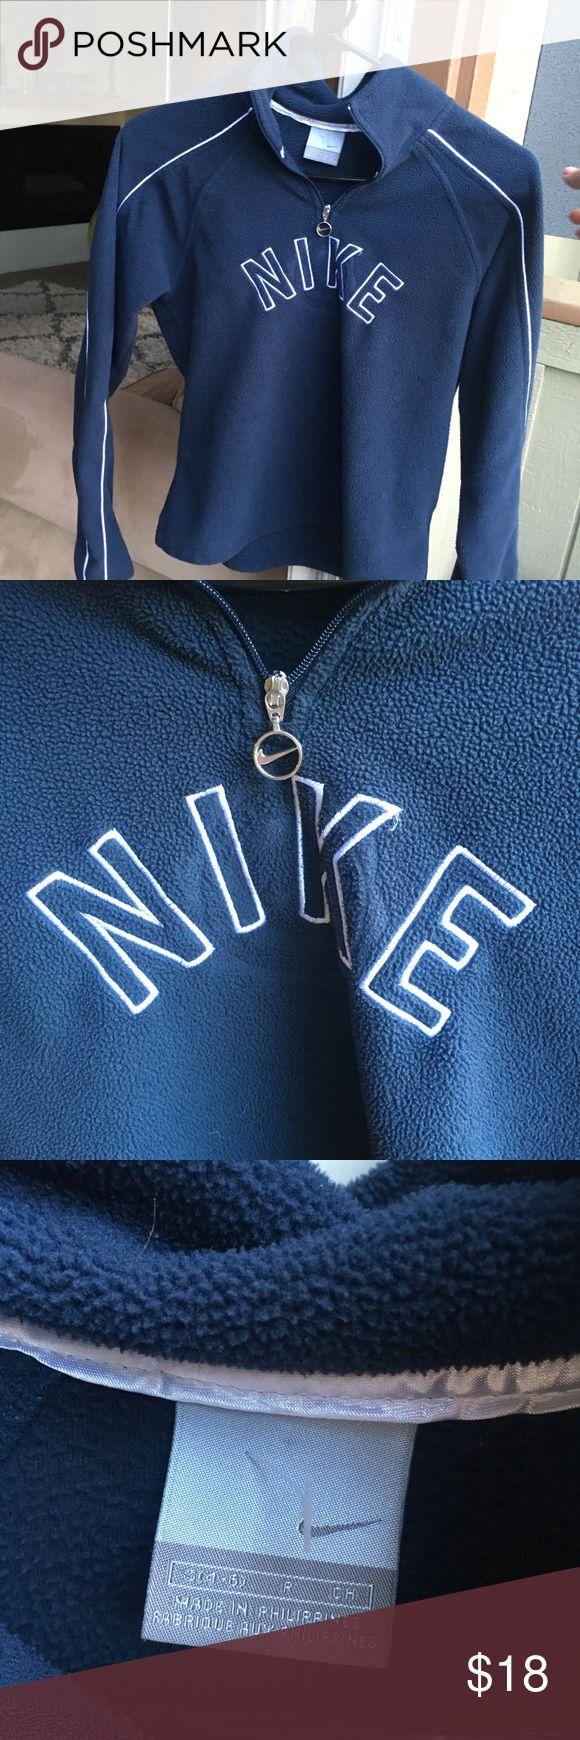 Vintage Nike Fleece